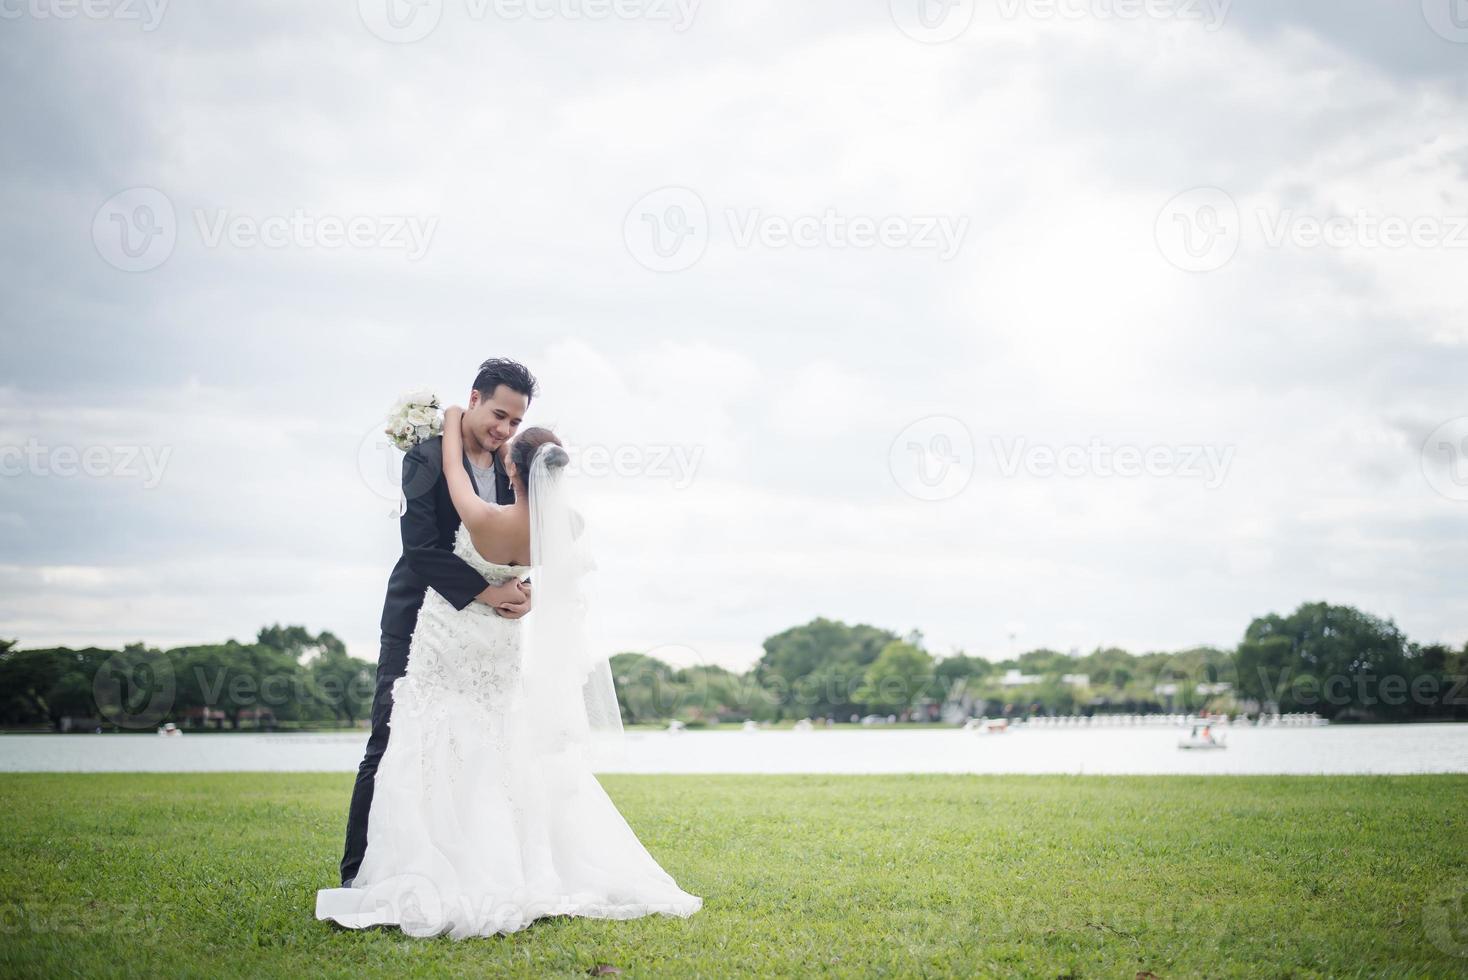 mooie bruid en knappe bruidegom prachtige posten in de natuur foto